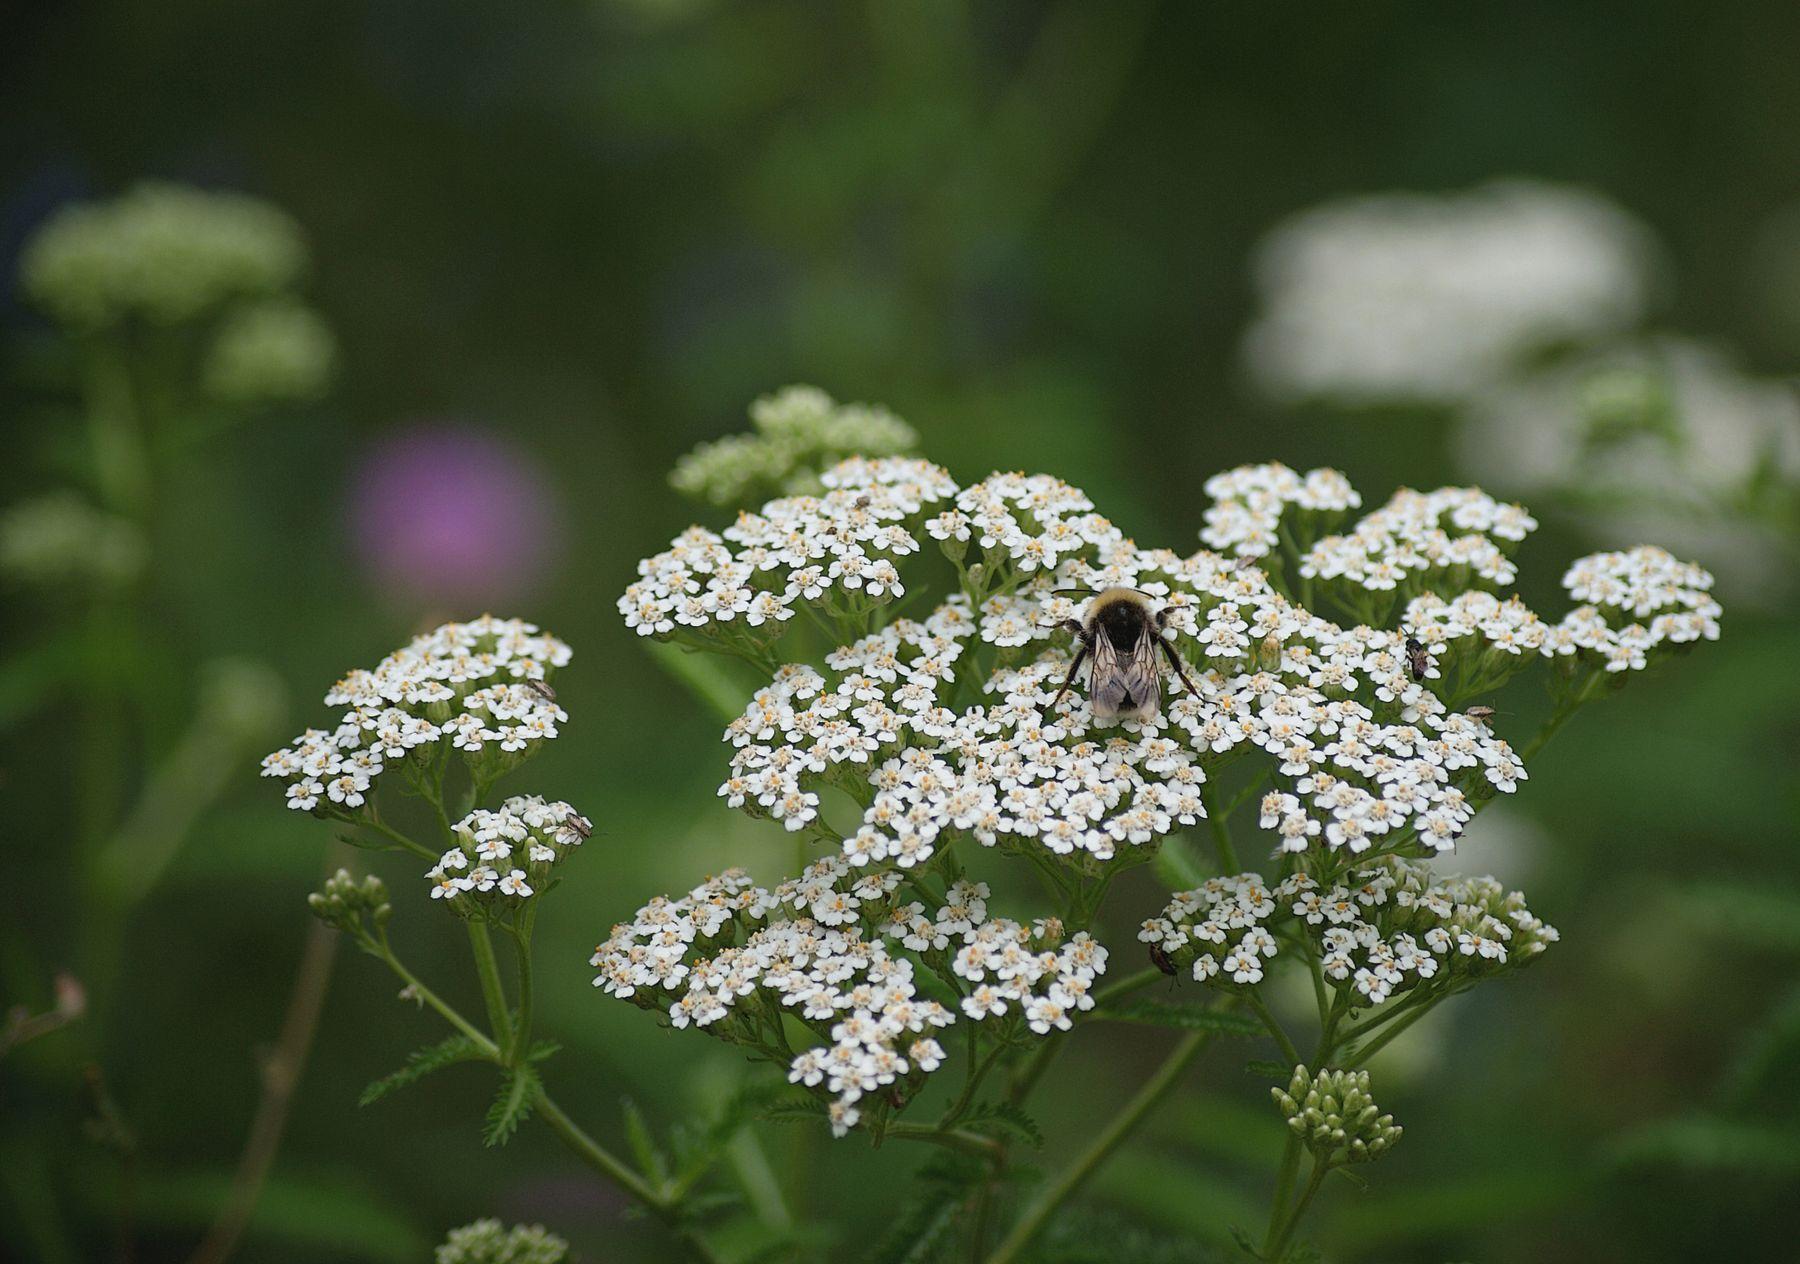 Тысячелистник со шмелем Лето луговые цветы тысячелистник шмель